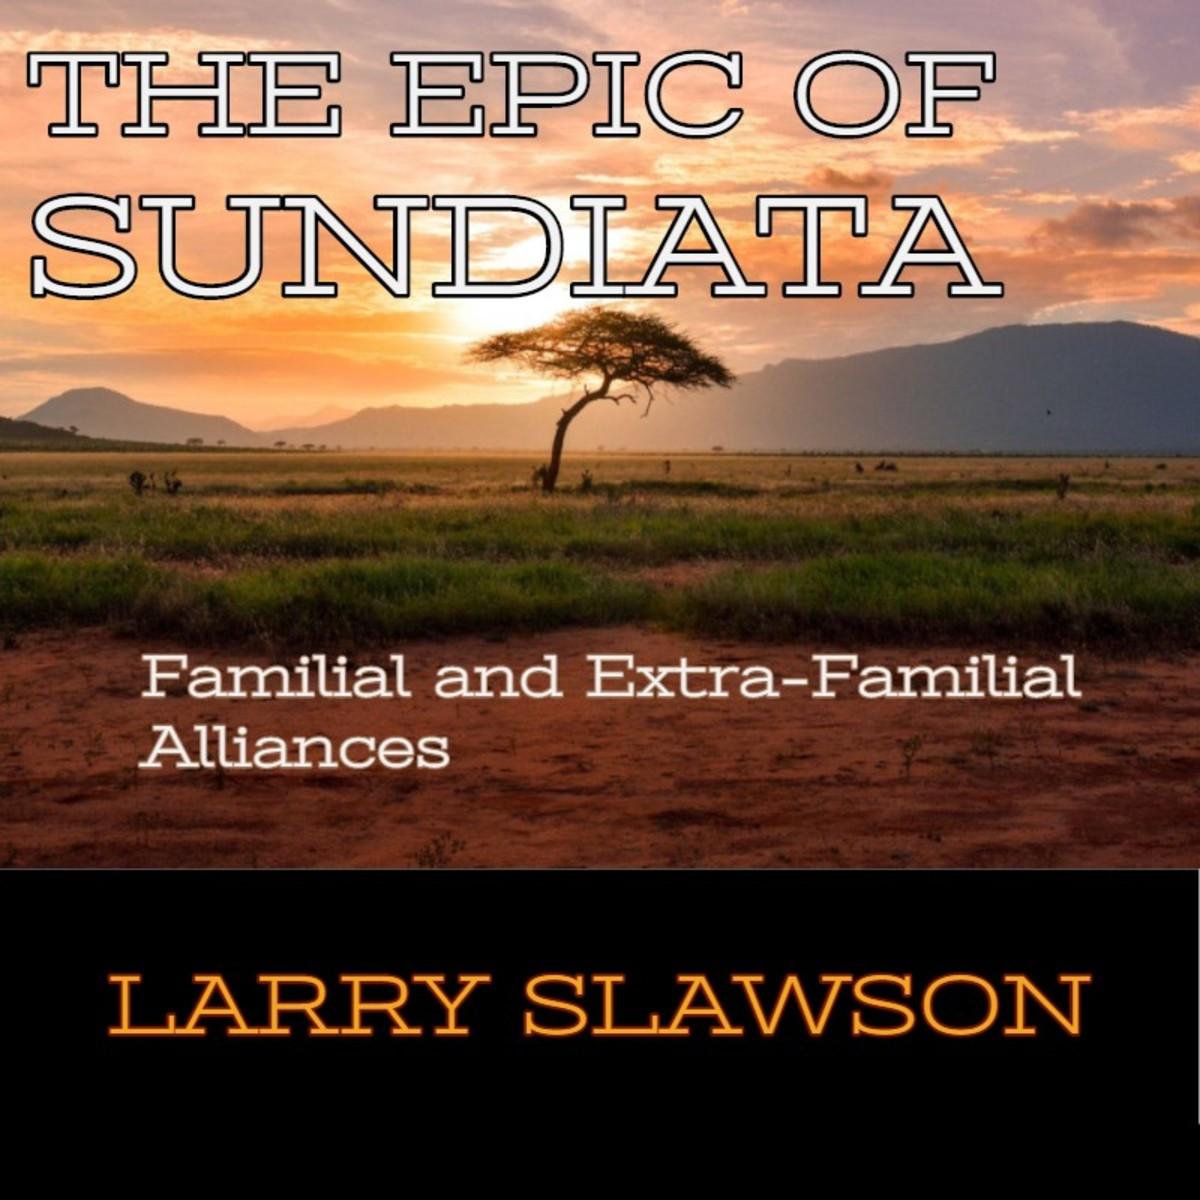 The Epic of Sundiata: Familial and Extra-Familial Alliances.